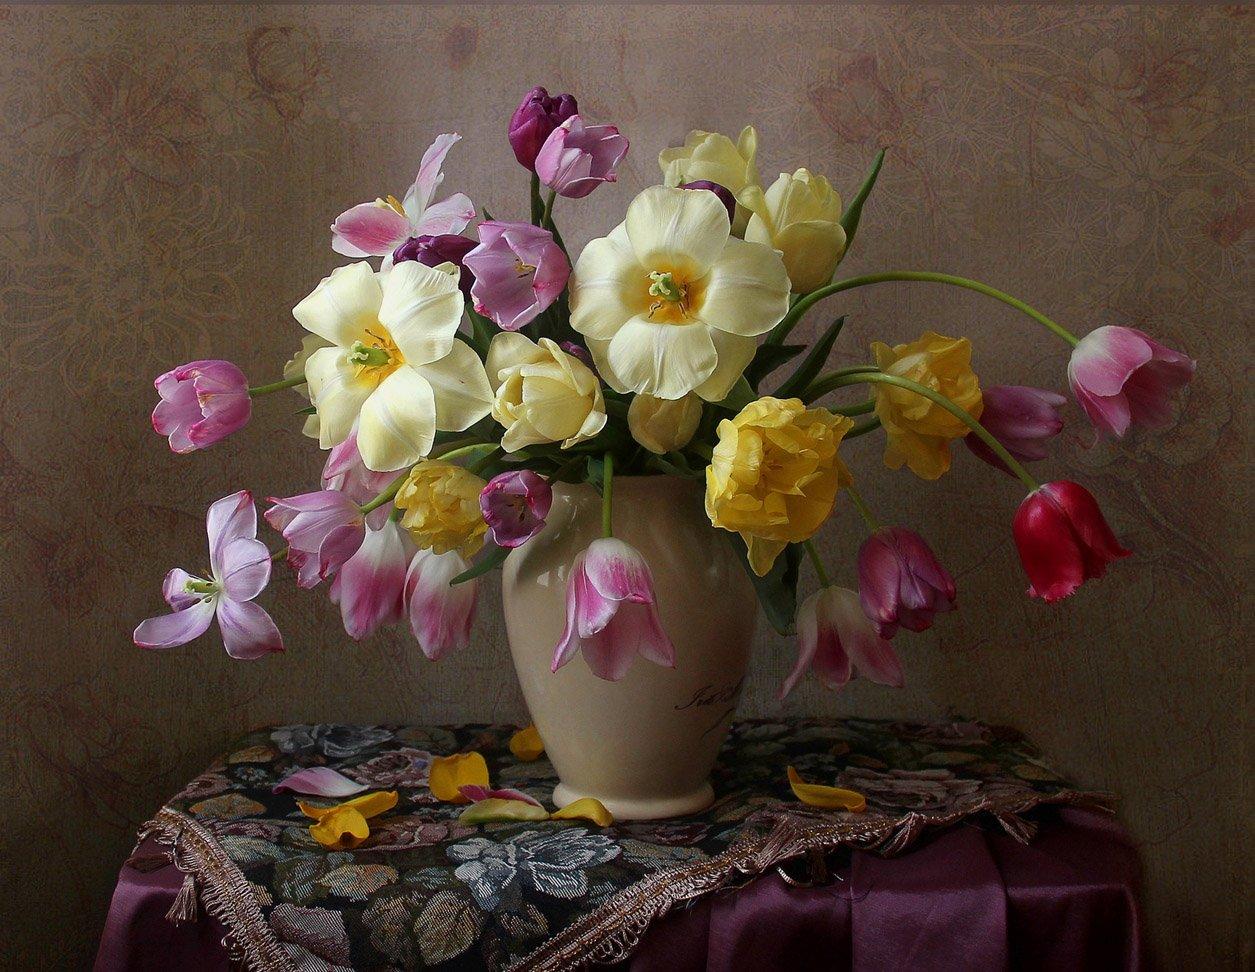 натюрморт, марина филатова, цветы, тюльпаны, Марина Филатова